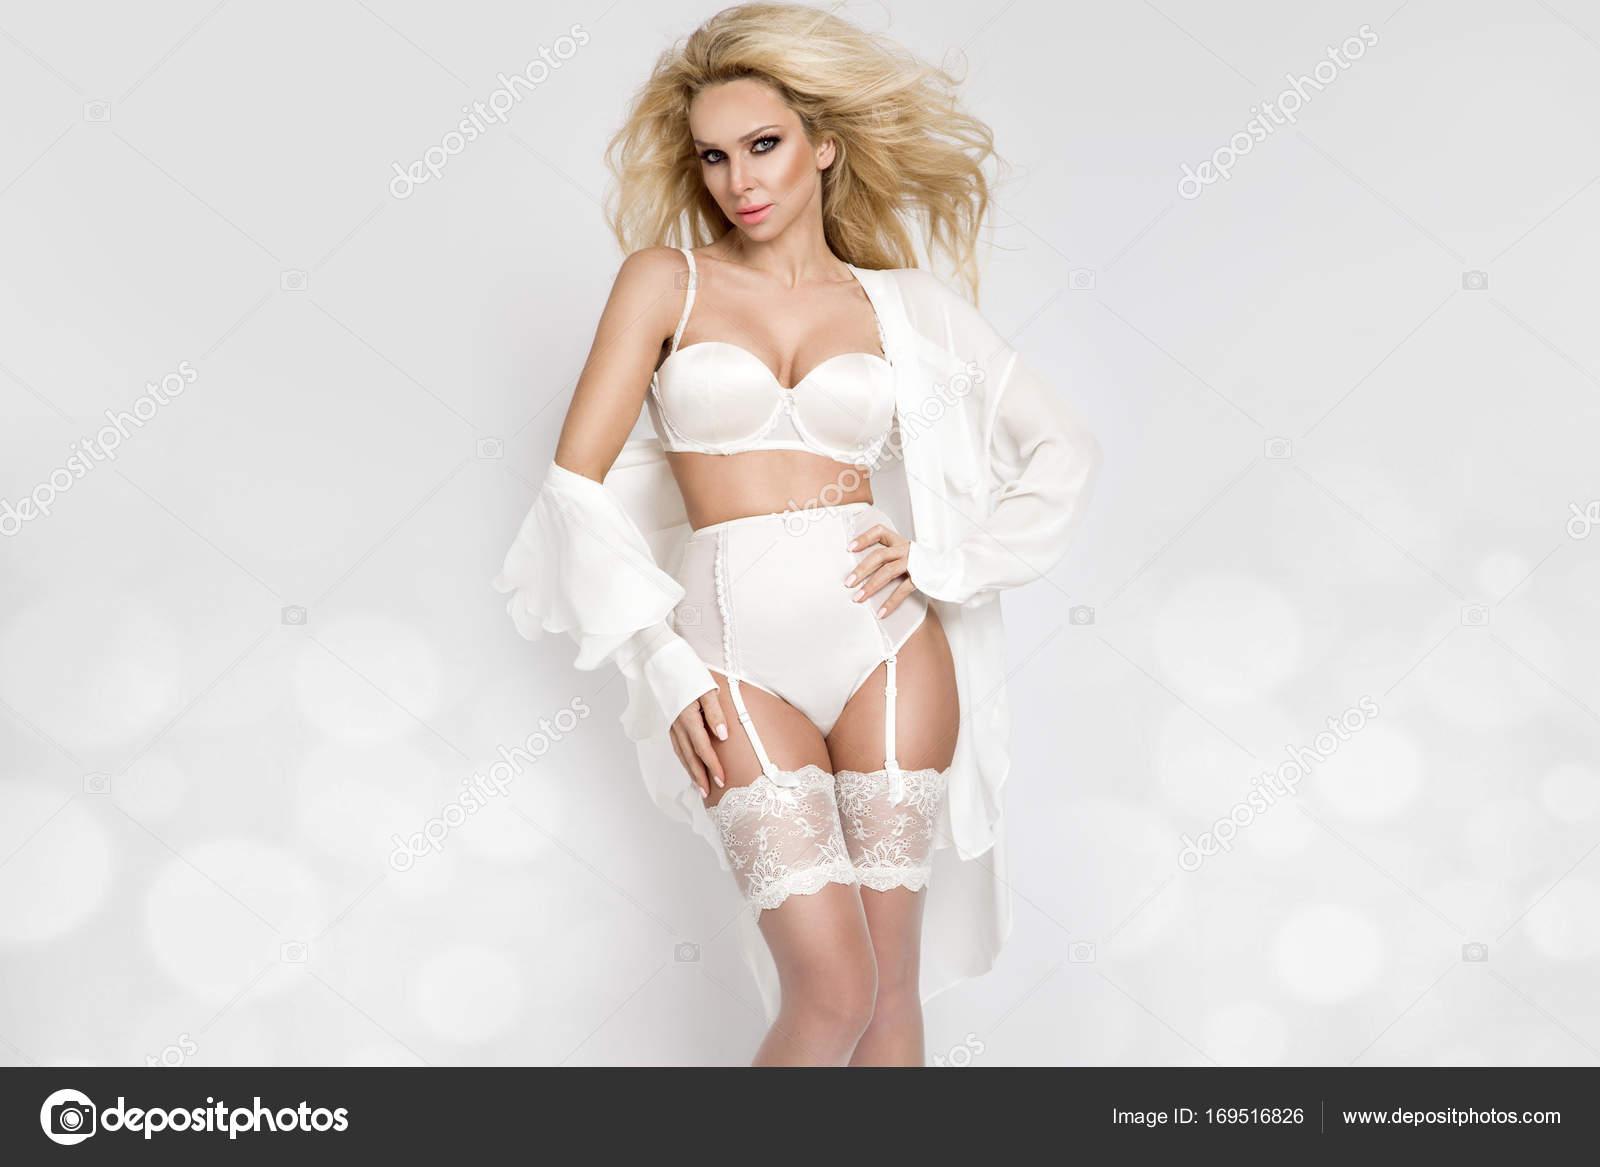 Elegant white wedding lingerie final